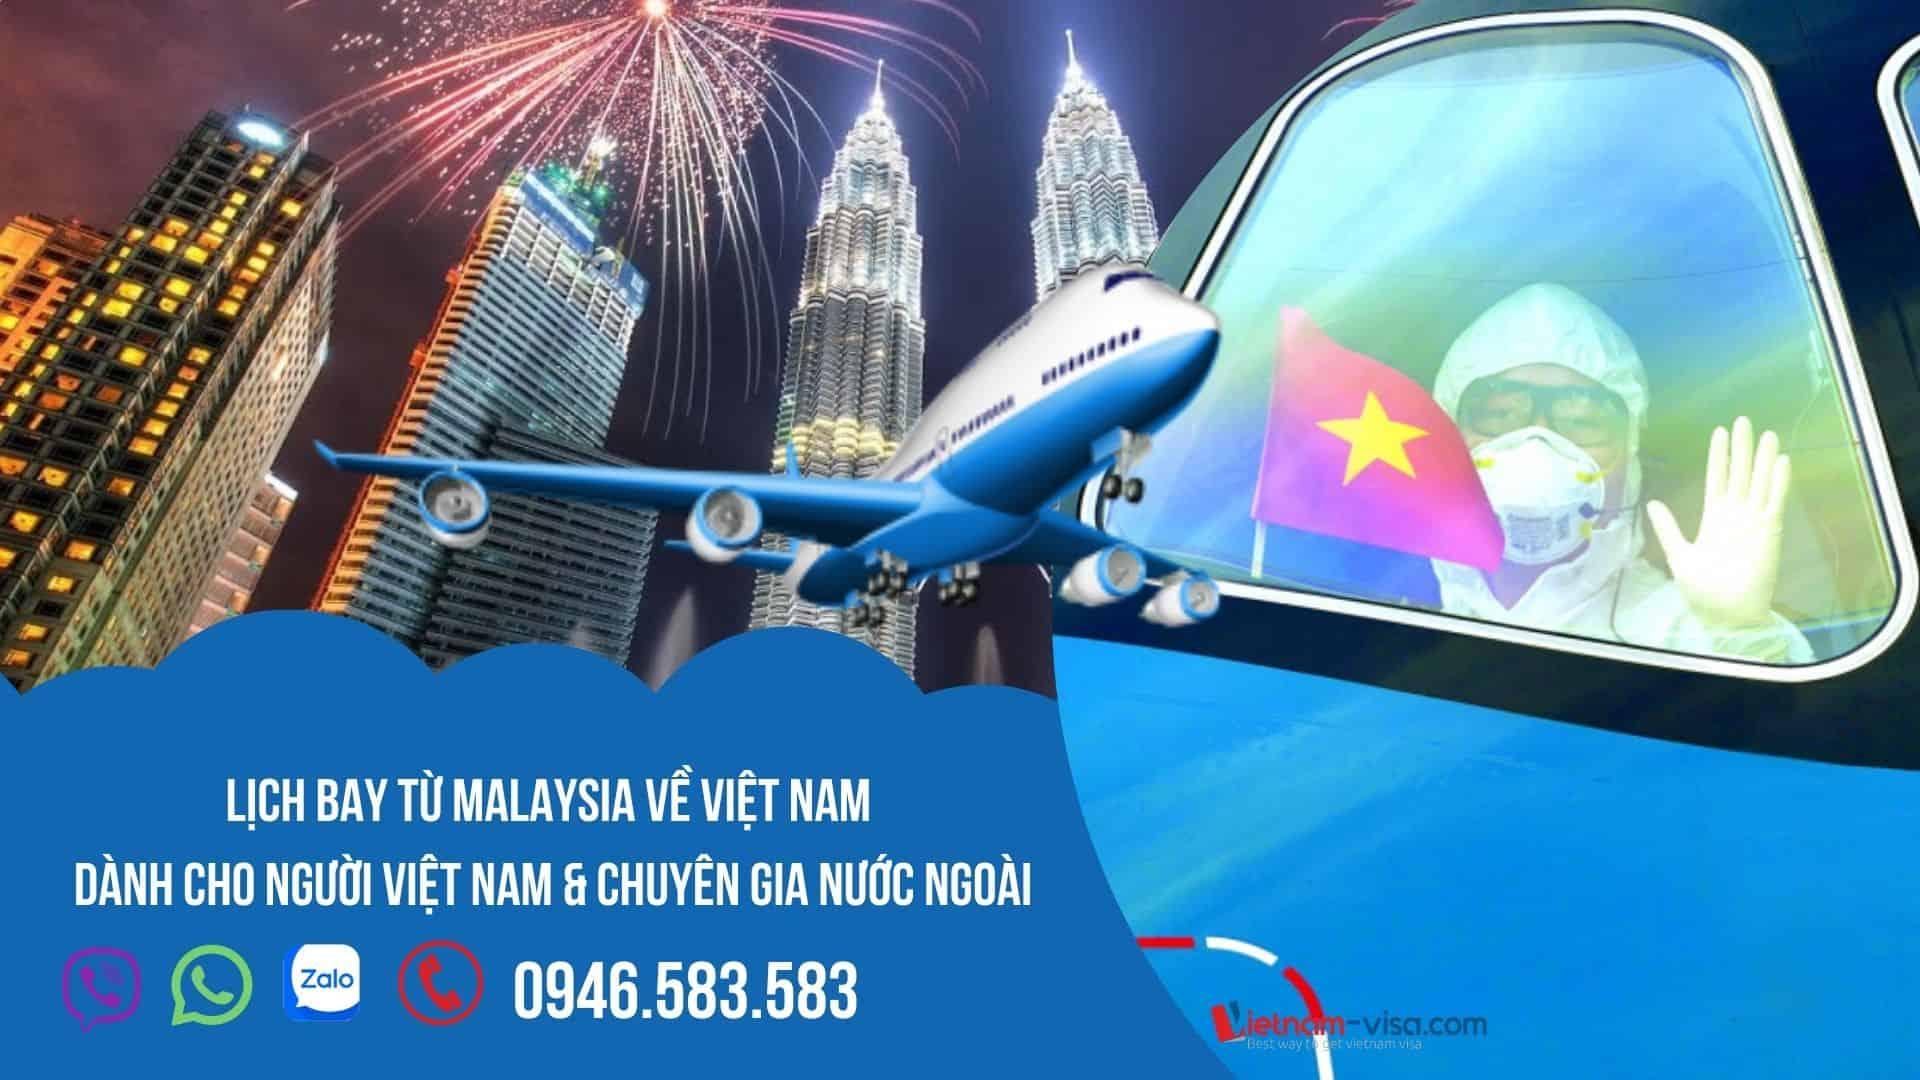 Đặt vé máy bay từ Malaysia về Việt Nam HÔM NAY – Lịch bay T10 & 11/2021